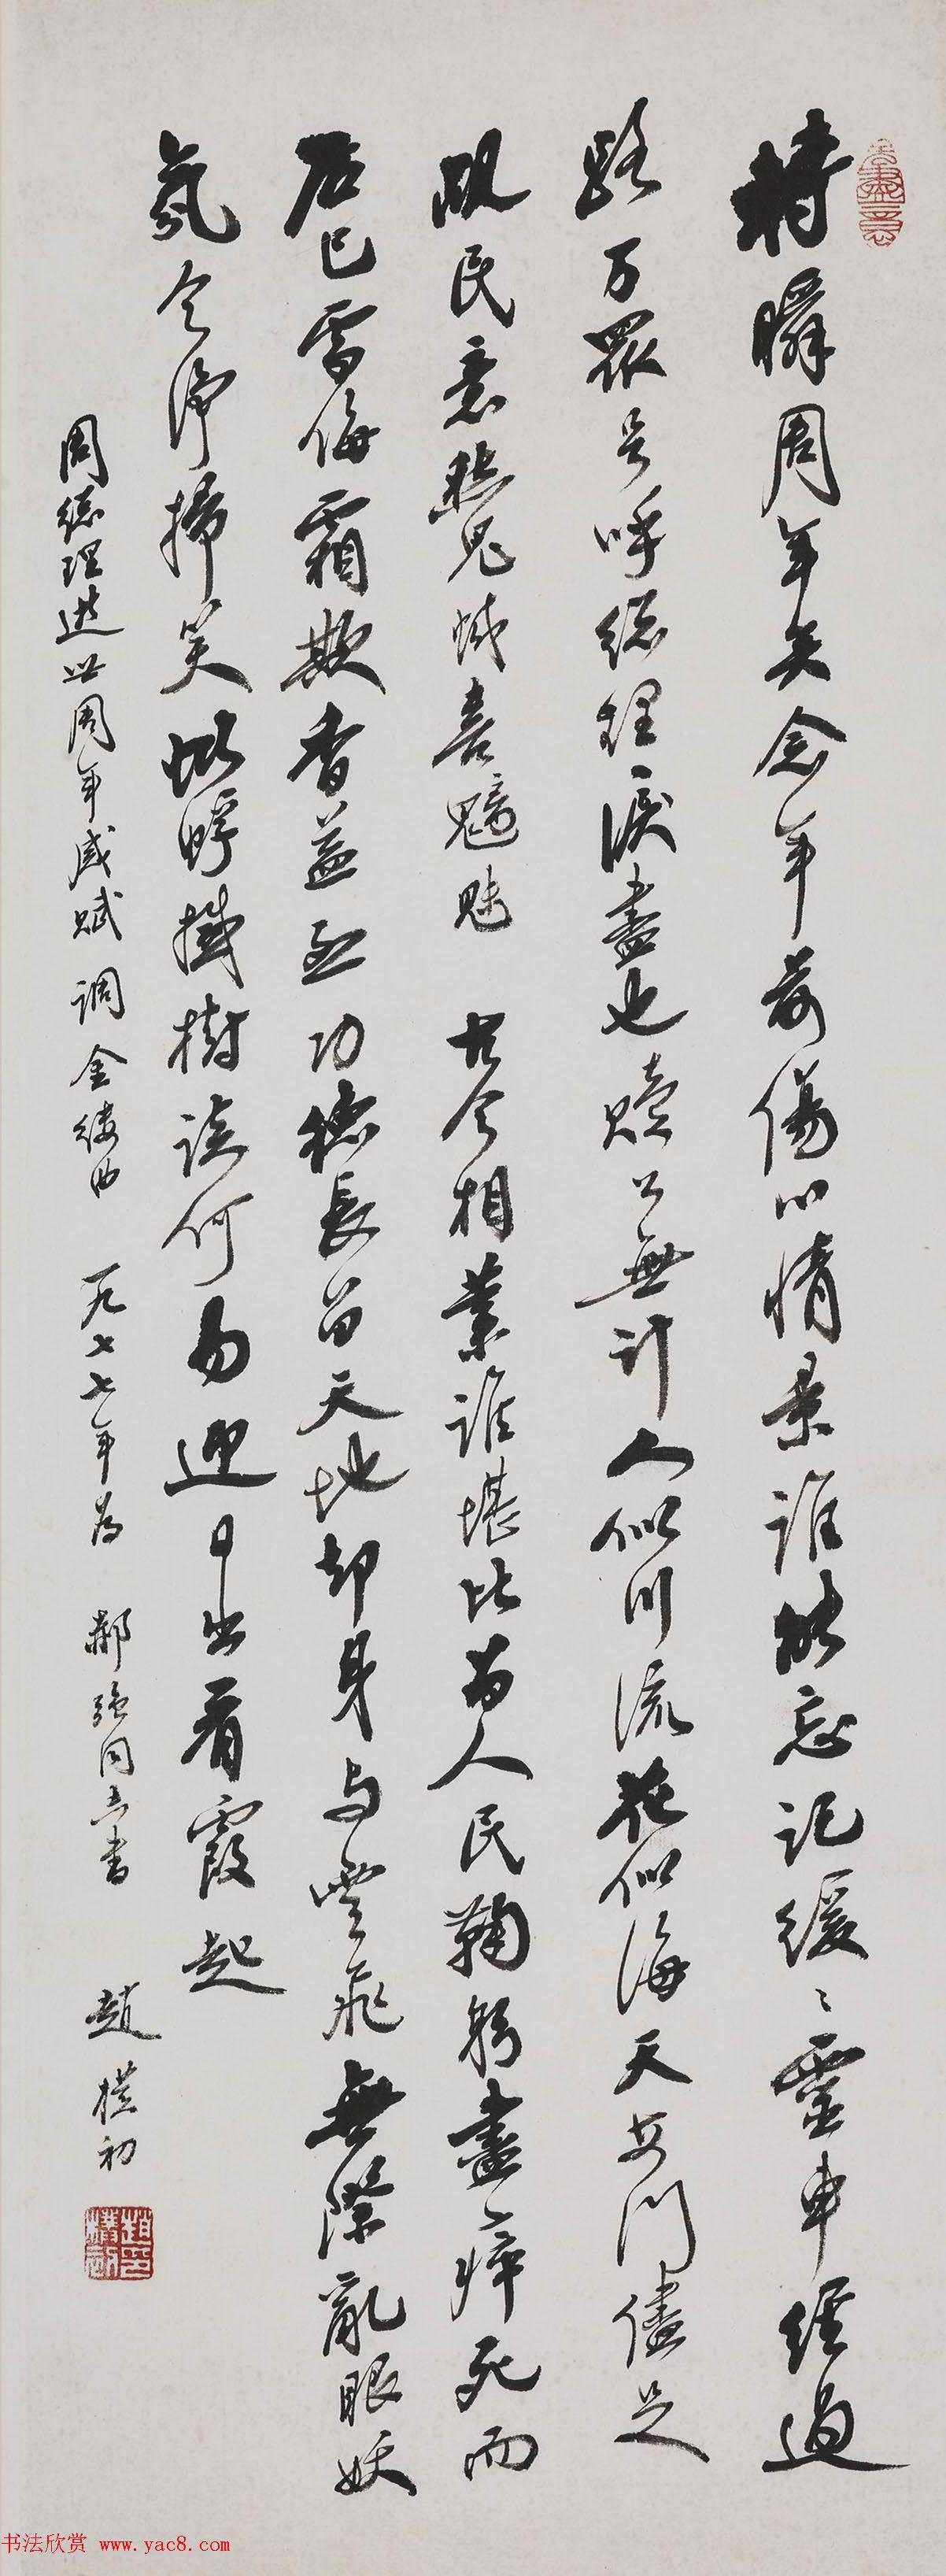 无尽意--赵朴初书法艺术展(高清大图)